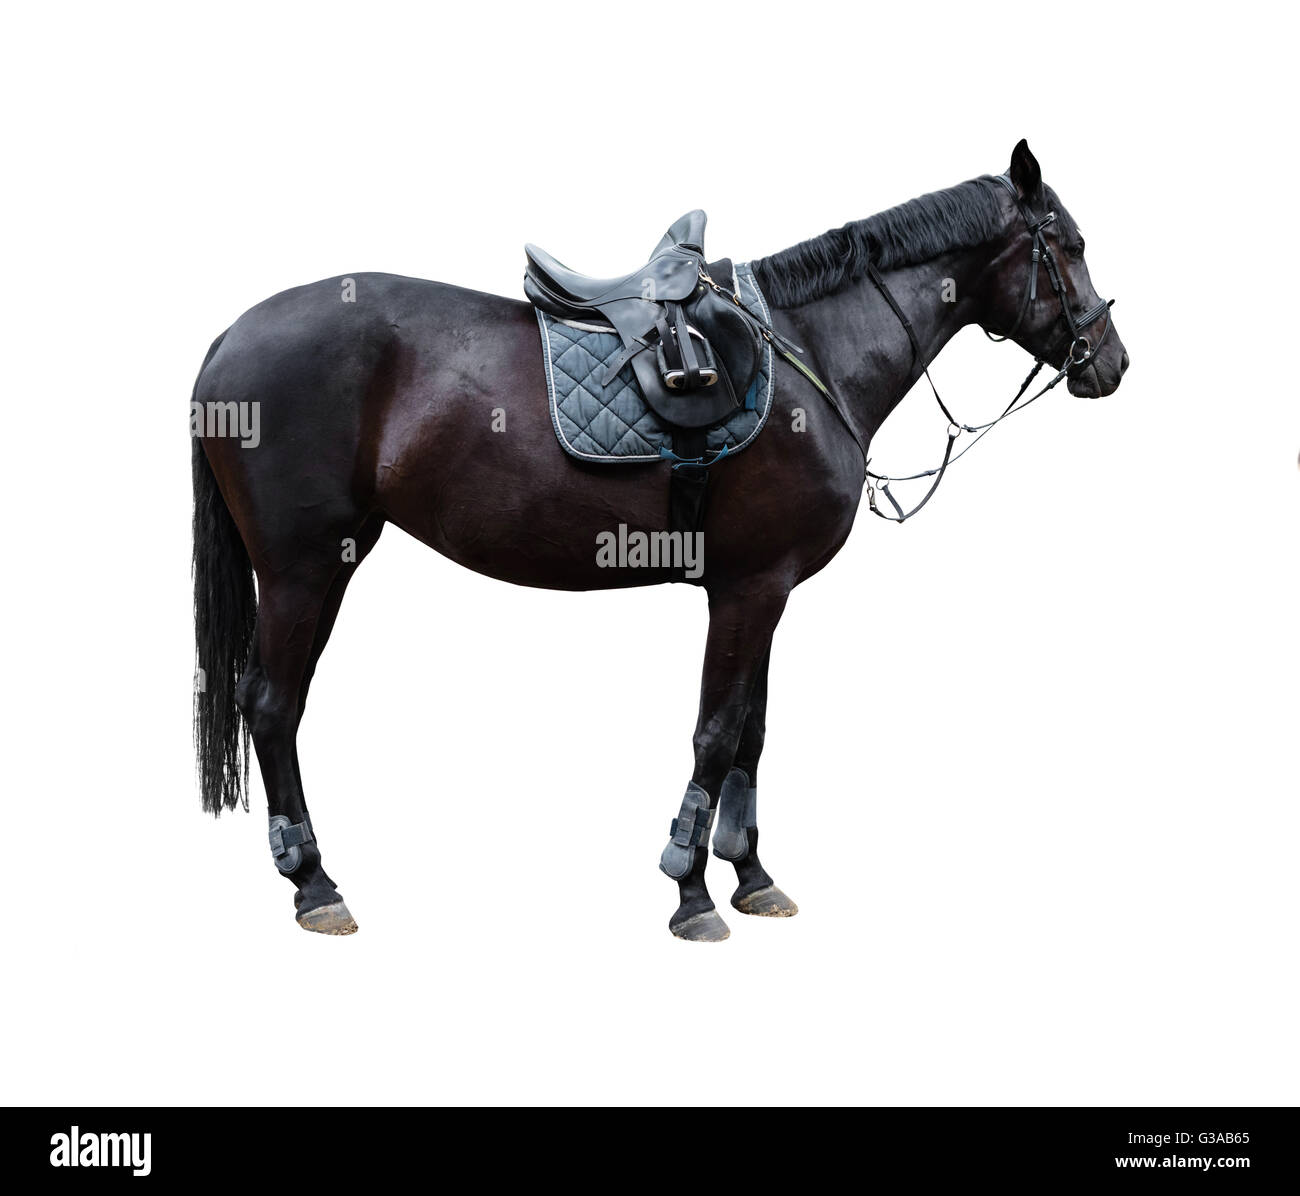 horse with saddle isolated on white background - Stock Image